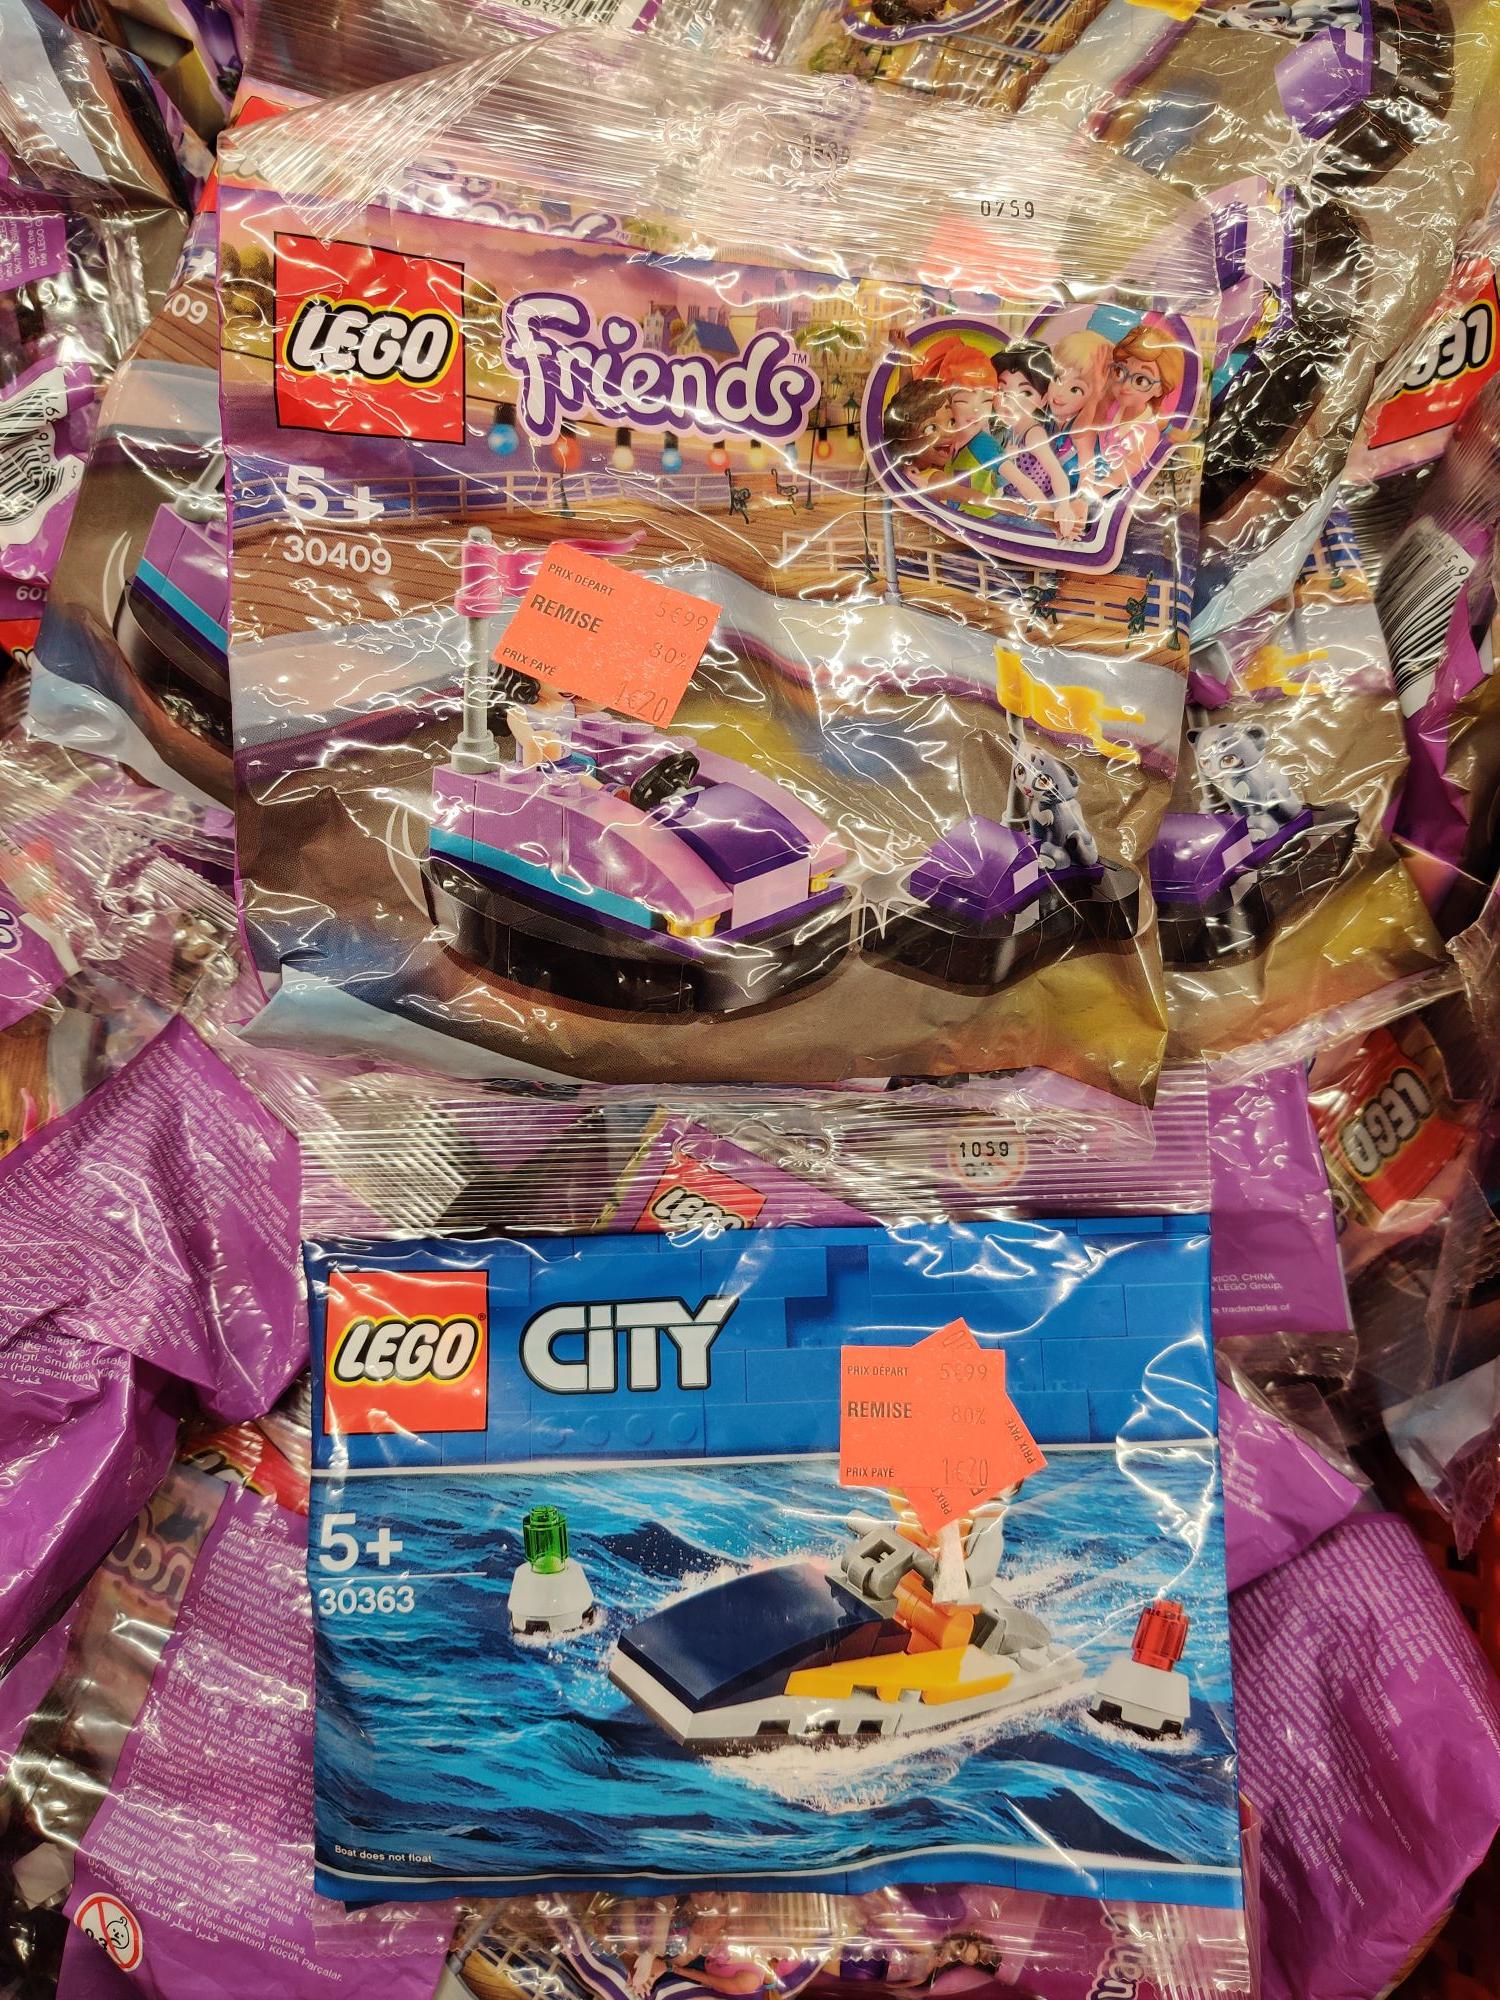 Jouet Lego City Polybag Race Boat (30363) ou Friends L'auto-tamponneuse (30409) - Chelles (77) / Saran (45)